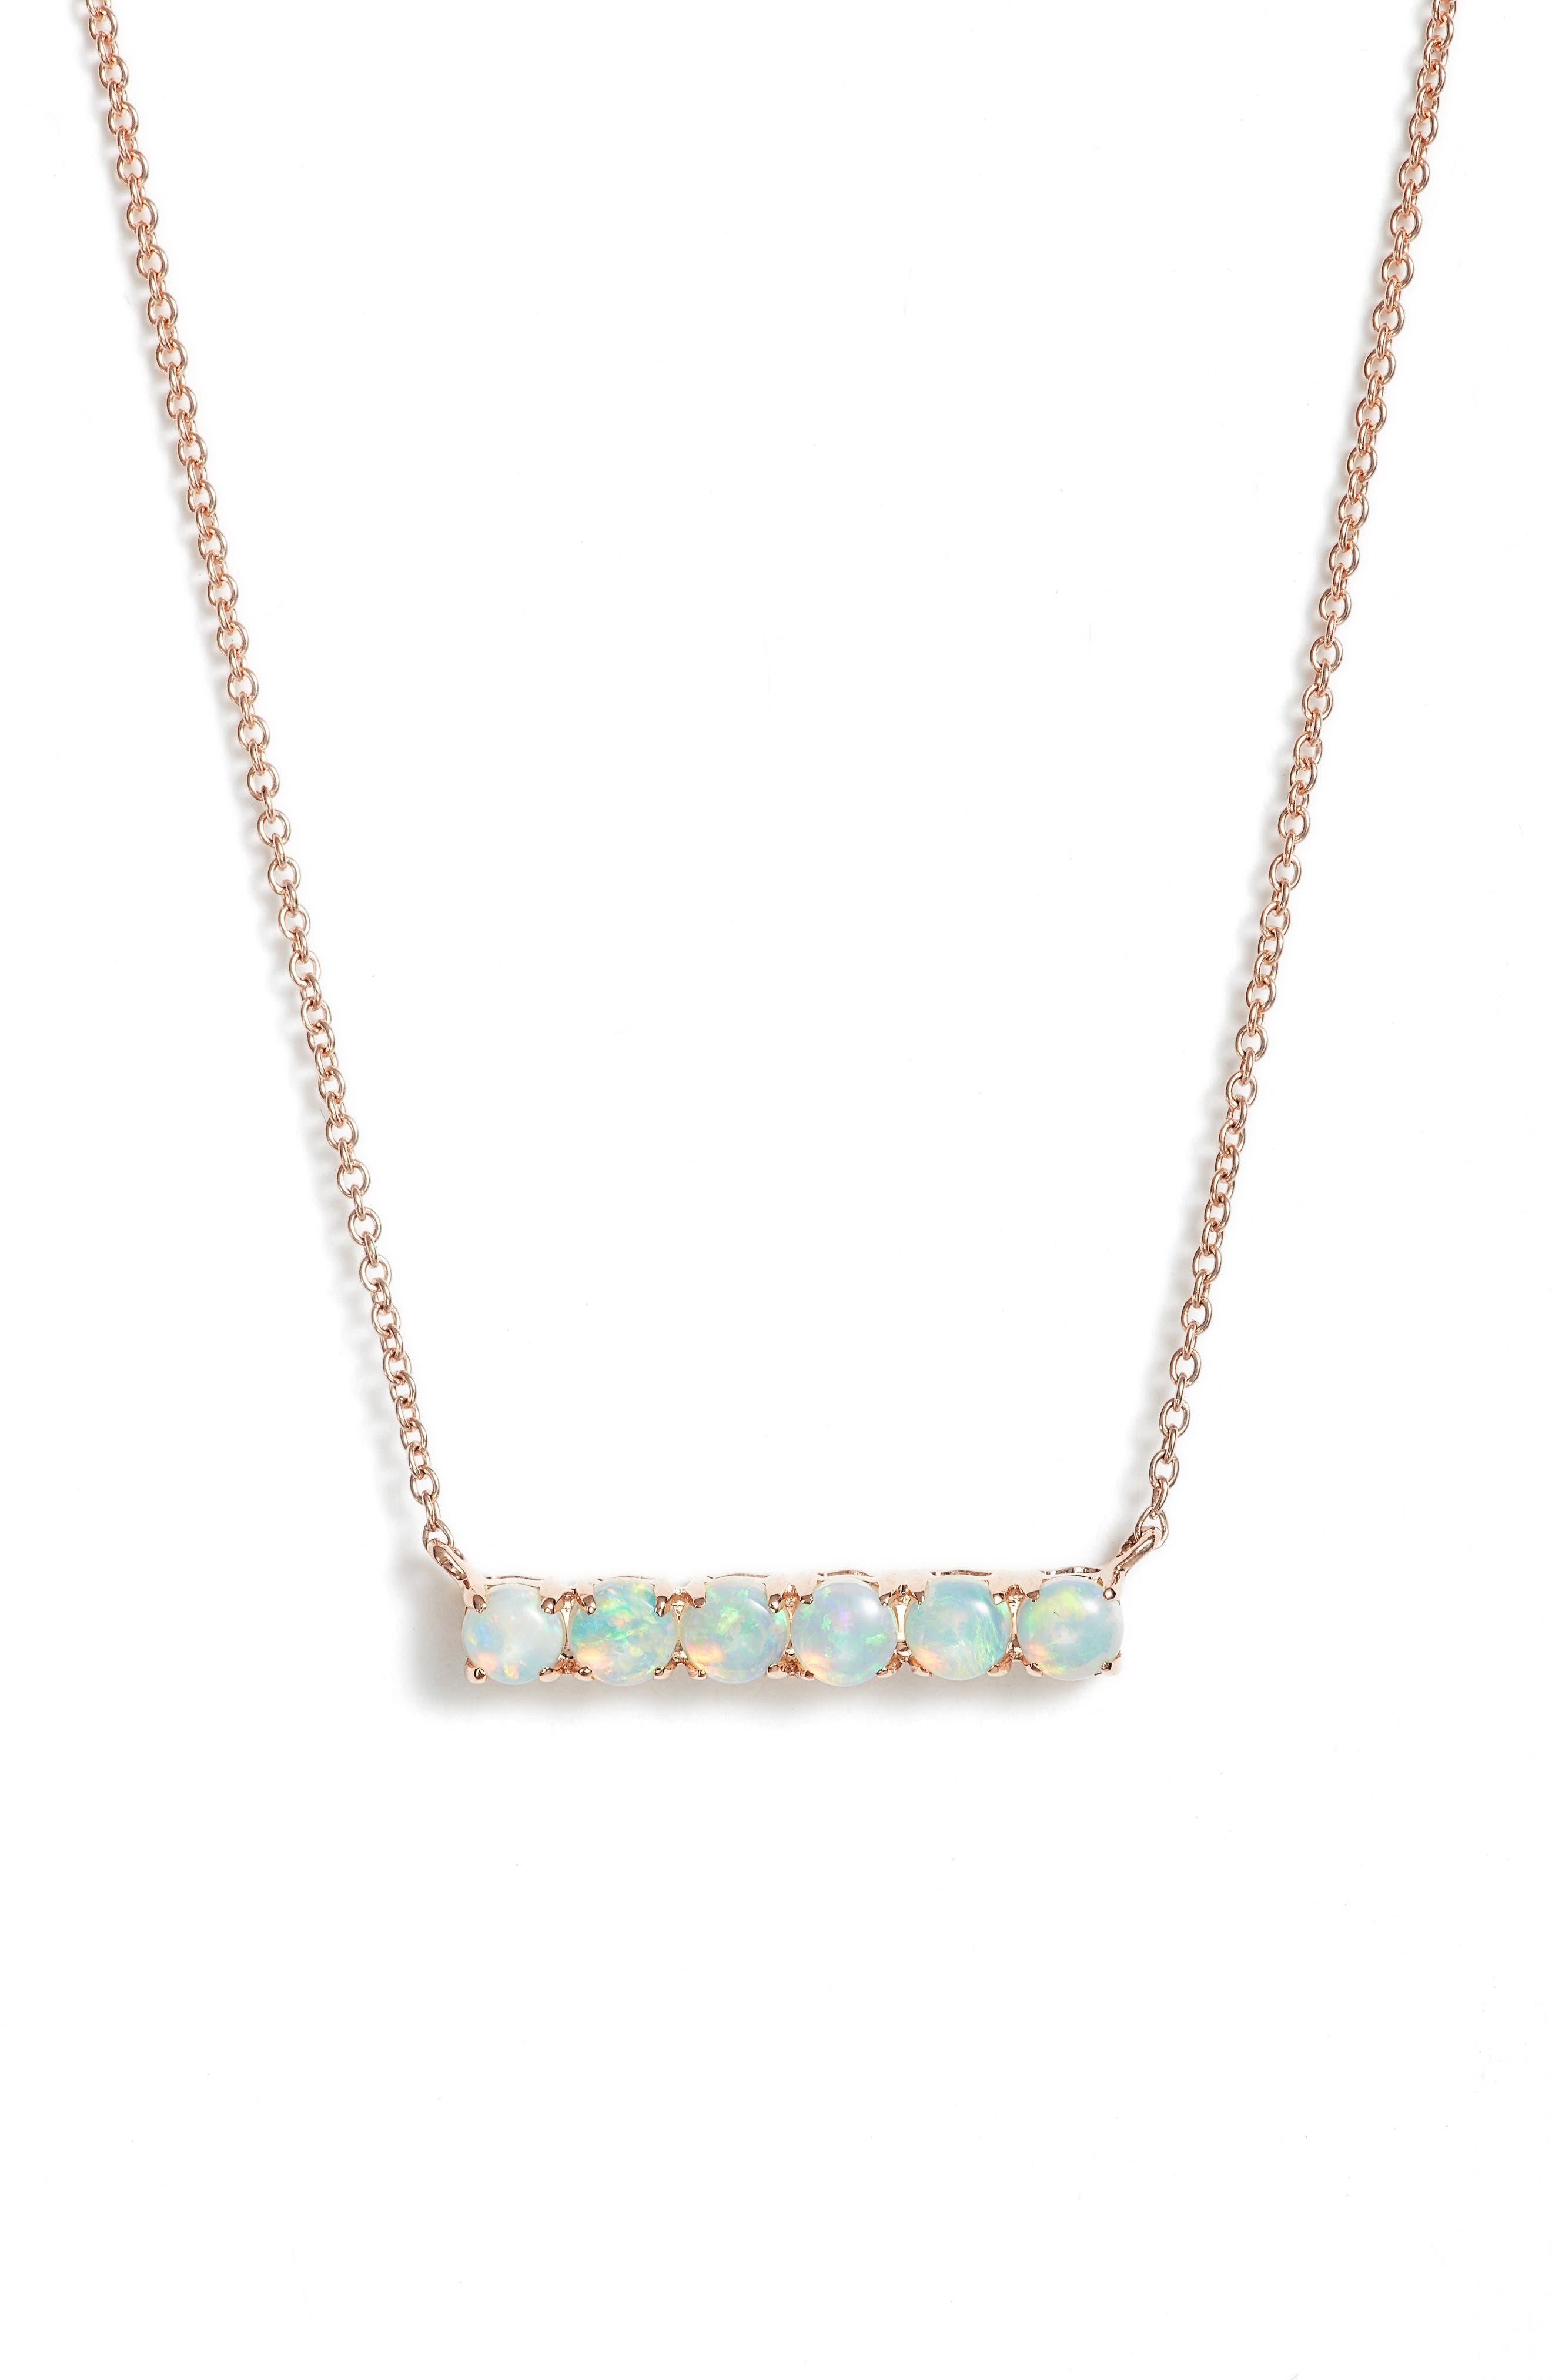 Dana Rebecca Designs Bar Pendant Necklace